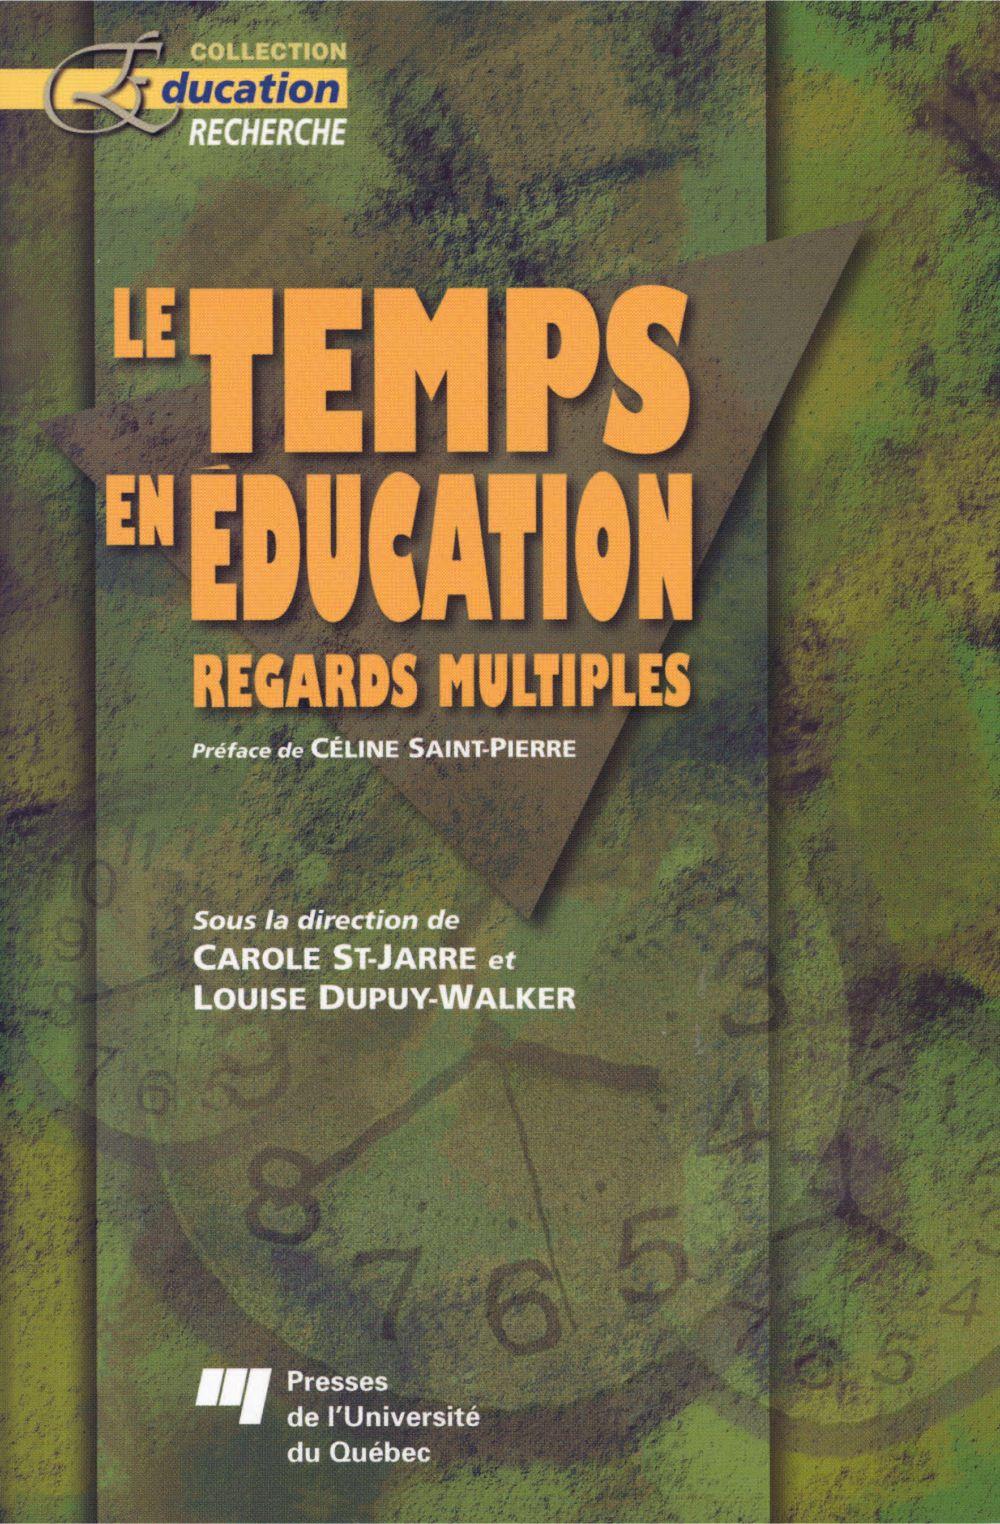 Le temps en éducation